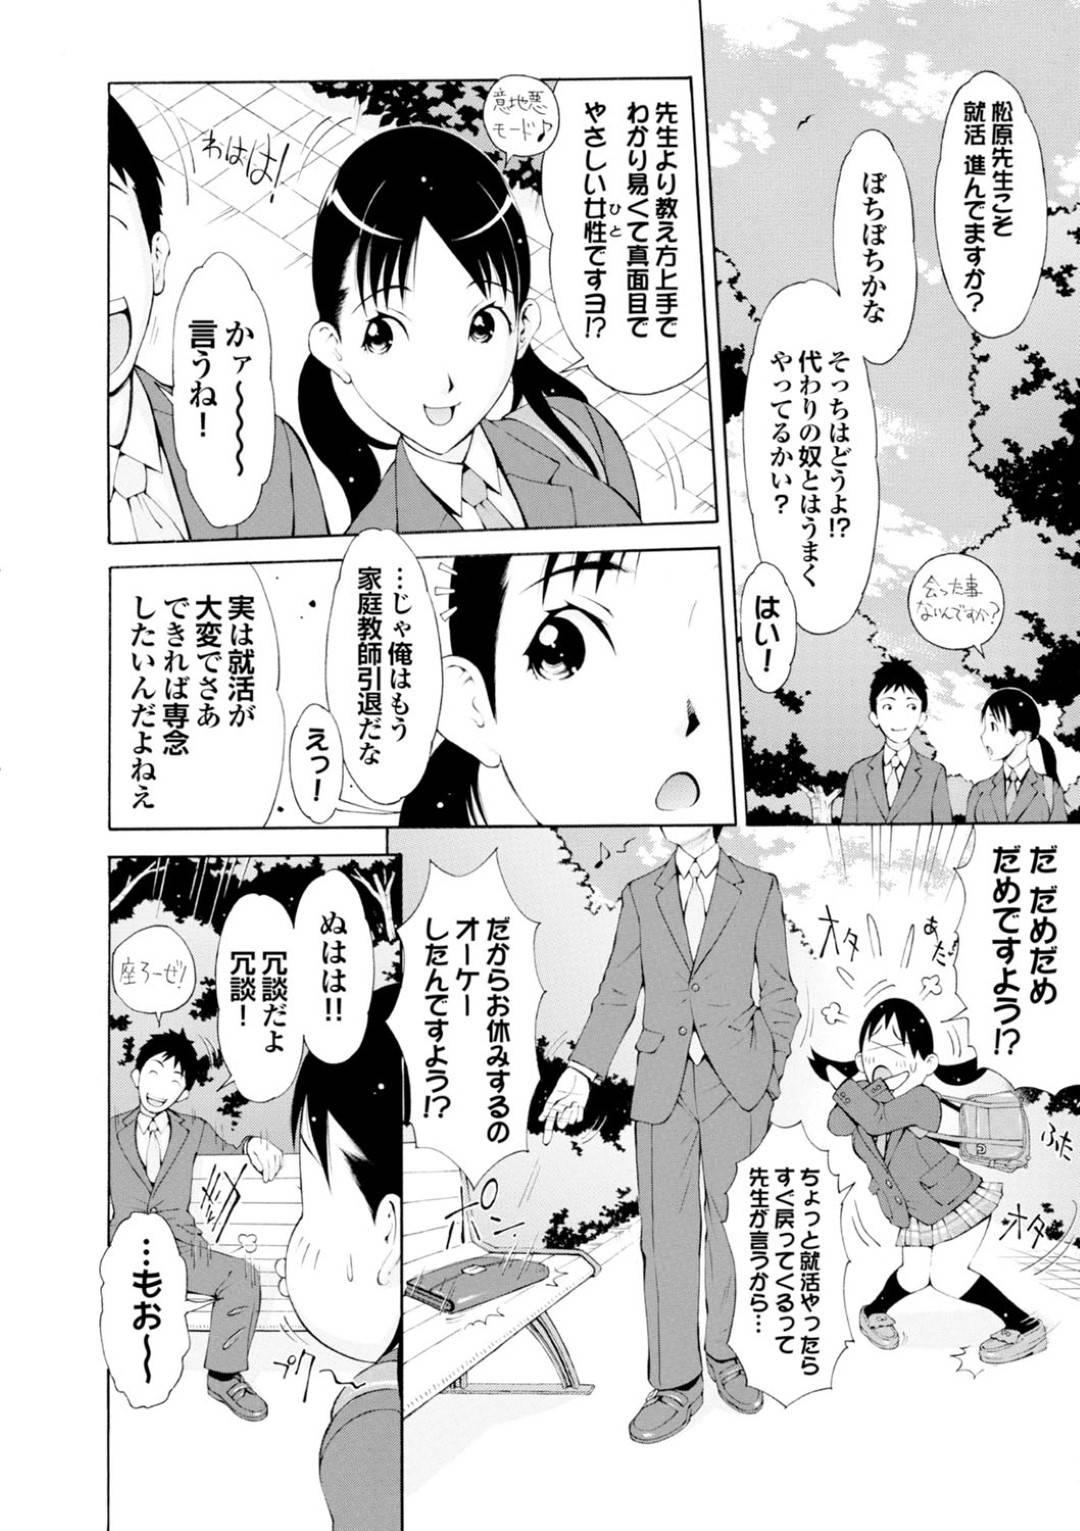 【エロ漫画】久しぶりに会う家庭教師と駅で待ち合わせしたJK…公園まで歩いてスカートを捲り上げ宿題を確認してもらう!【鉄歩】